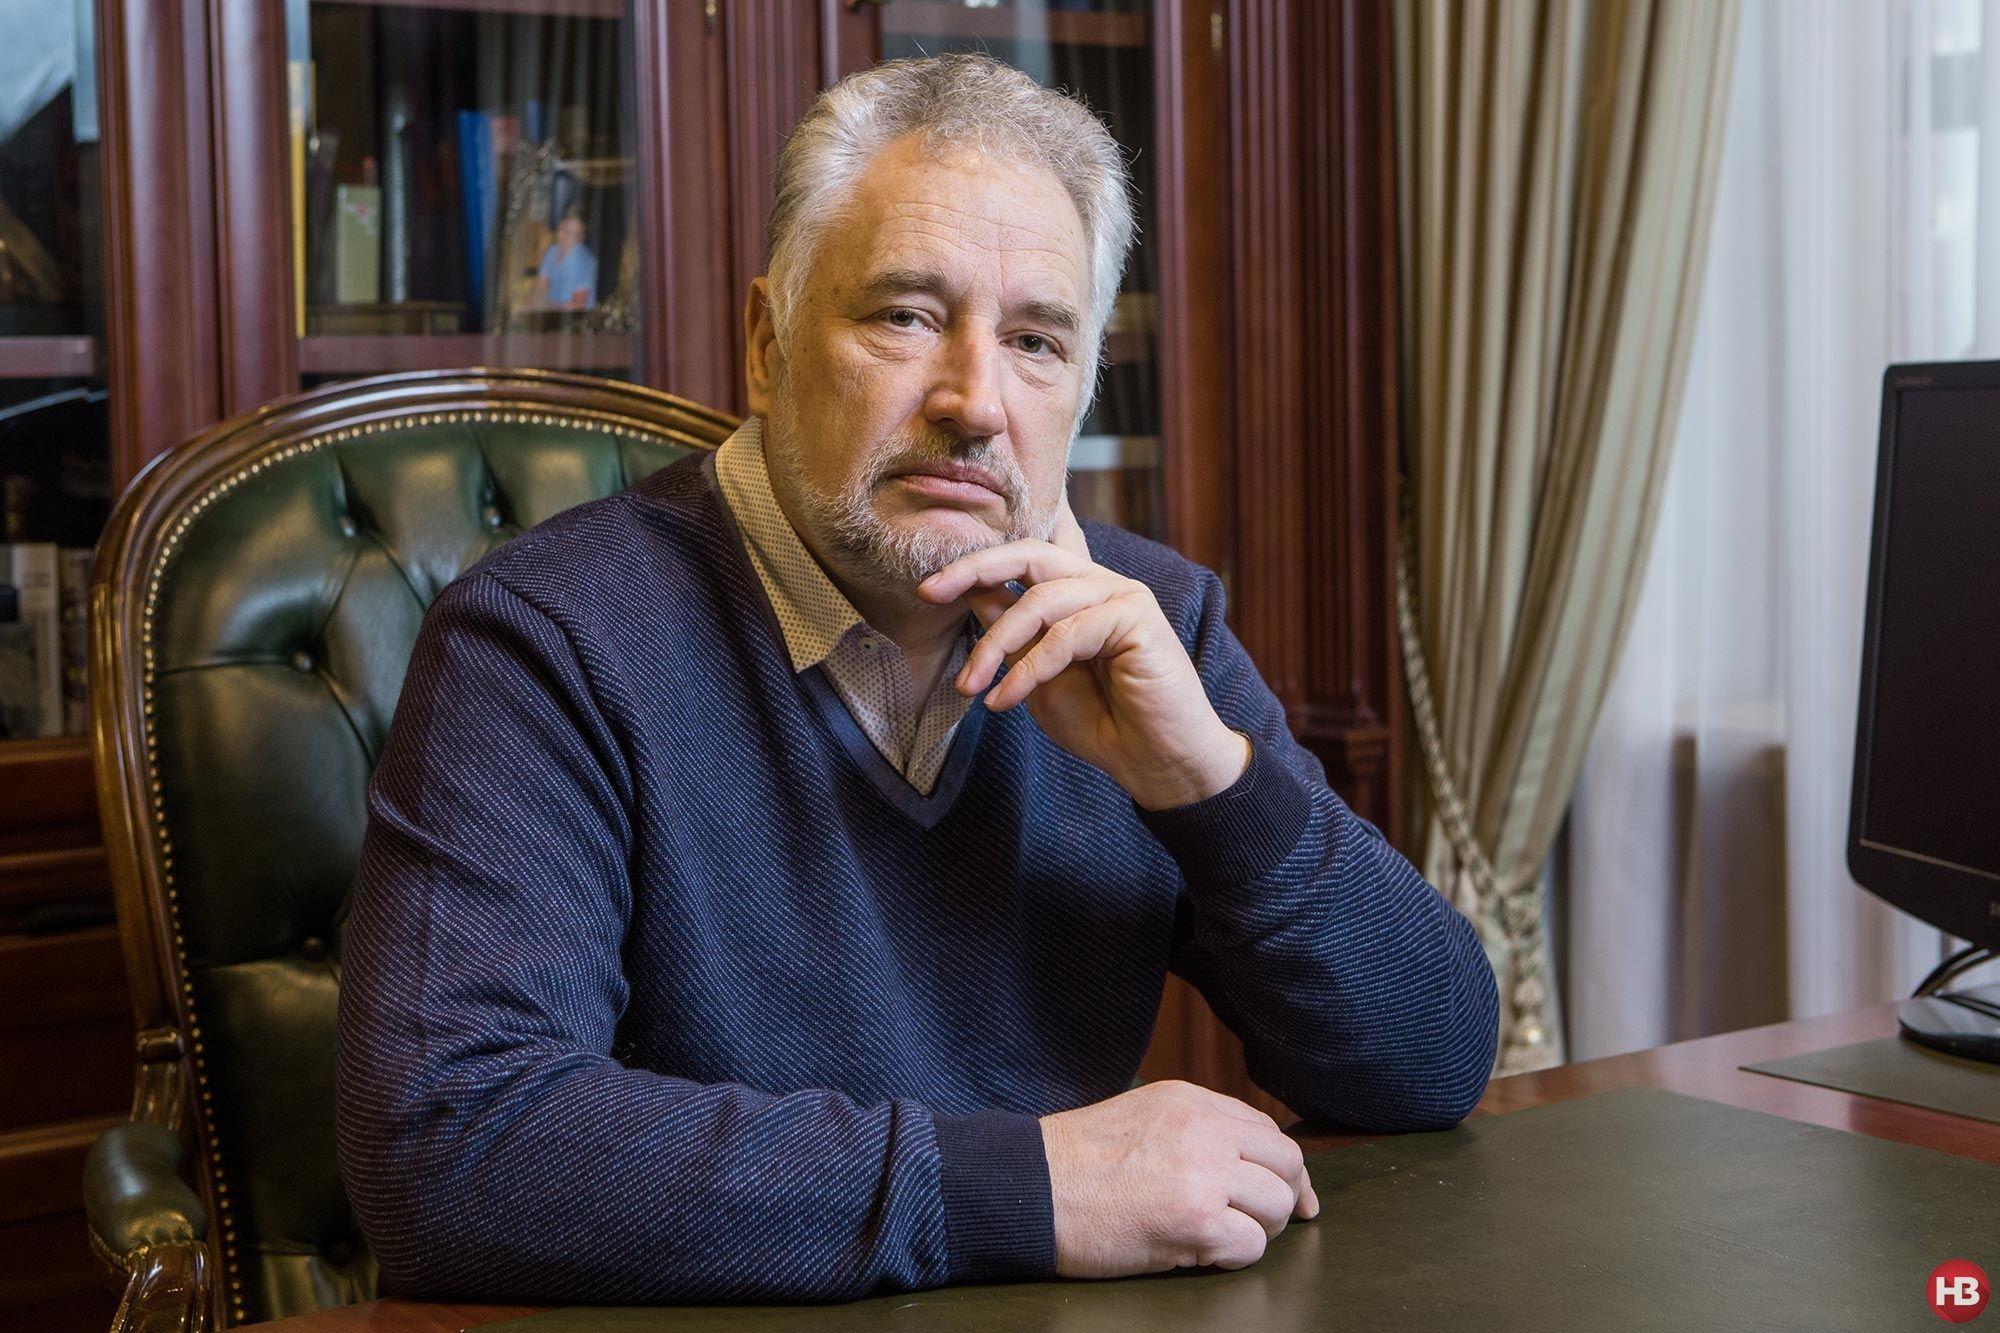 Павел Жебривский может занять пост заместителя генпрокурора, узнали СМИ